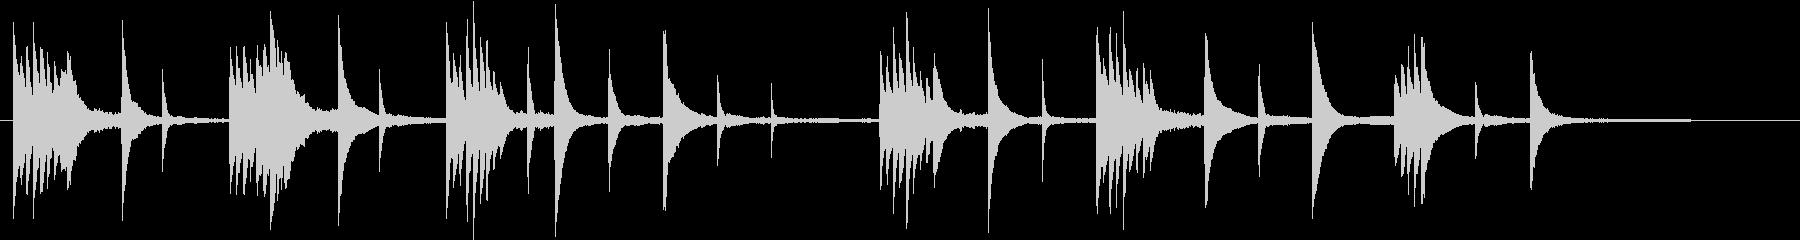 春のイメージのピアノ03の未再生の波形